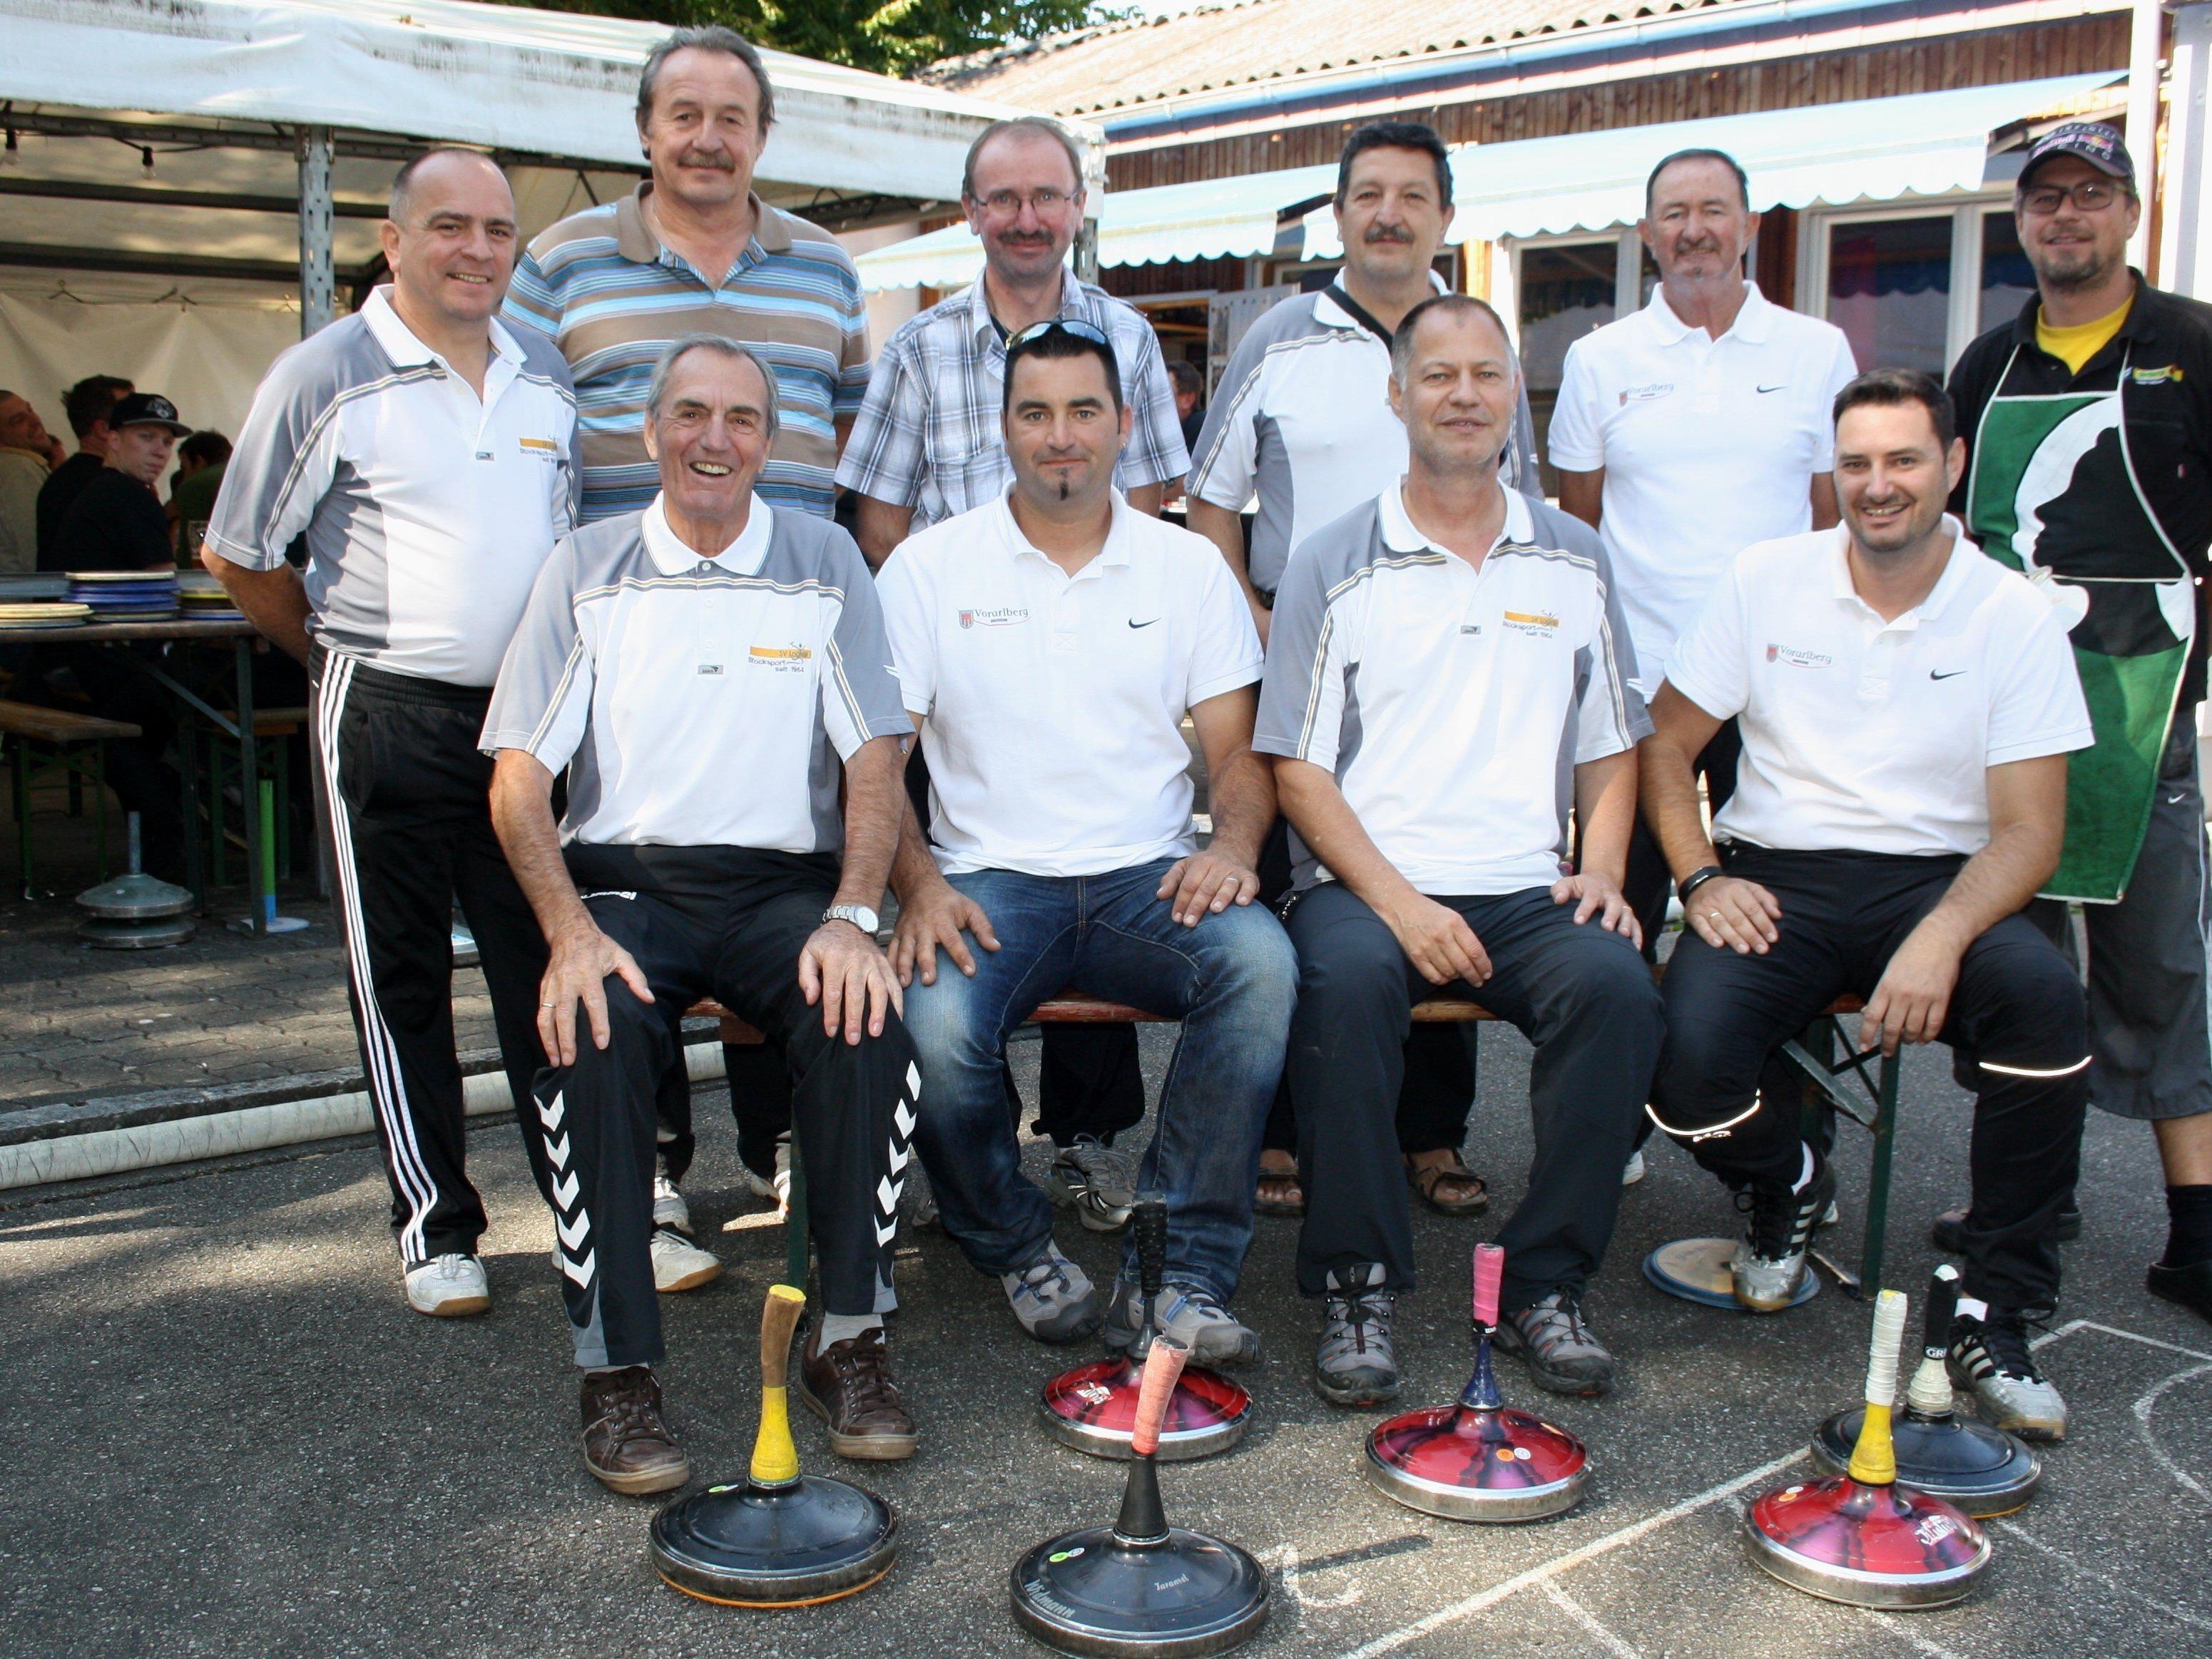 Die Lochauer Stocksportler laden auf der neu adaptierten Stocksportanlag am Hoferfeld zum 17. Hobby-Stocksport-Turnier.